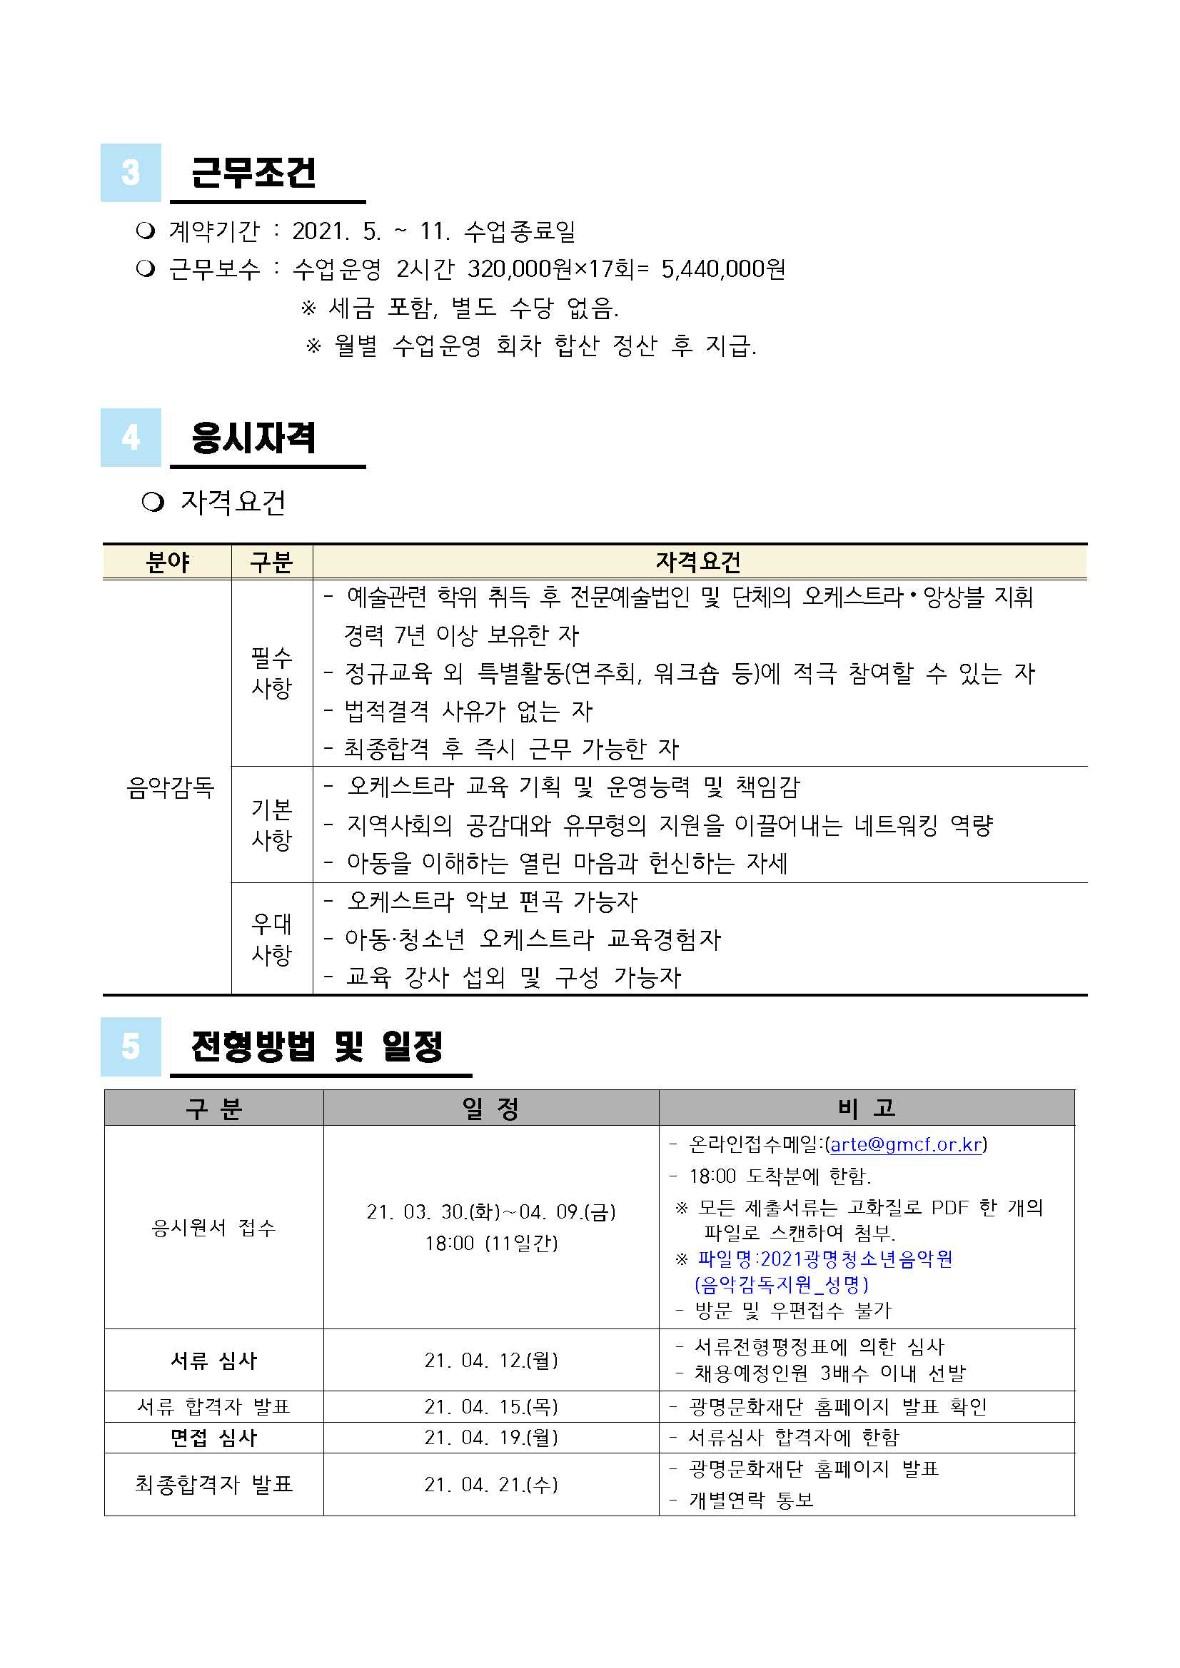 1.[공고문] (재)광명문화재단 2021 광명청소년음악원 음악감독 공개채용 (0330)_2.jpg